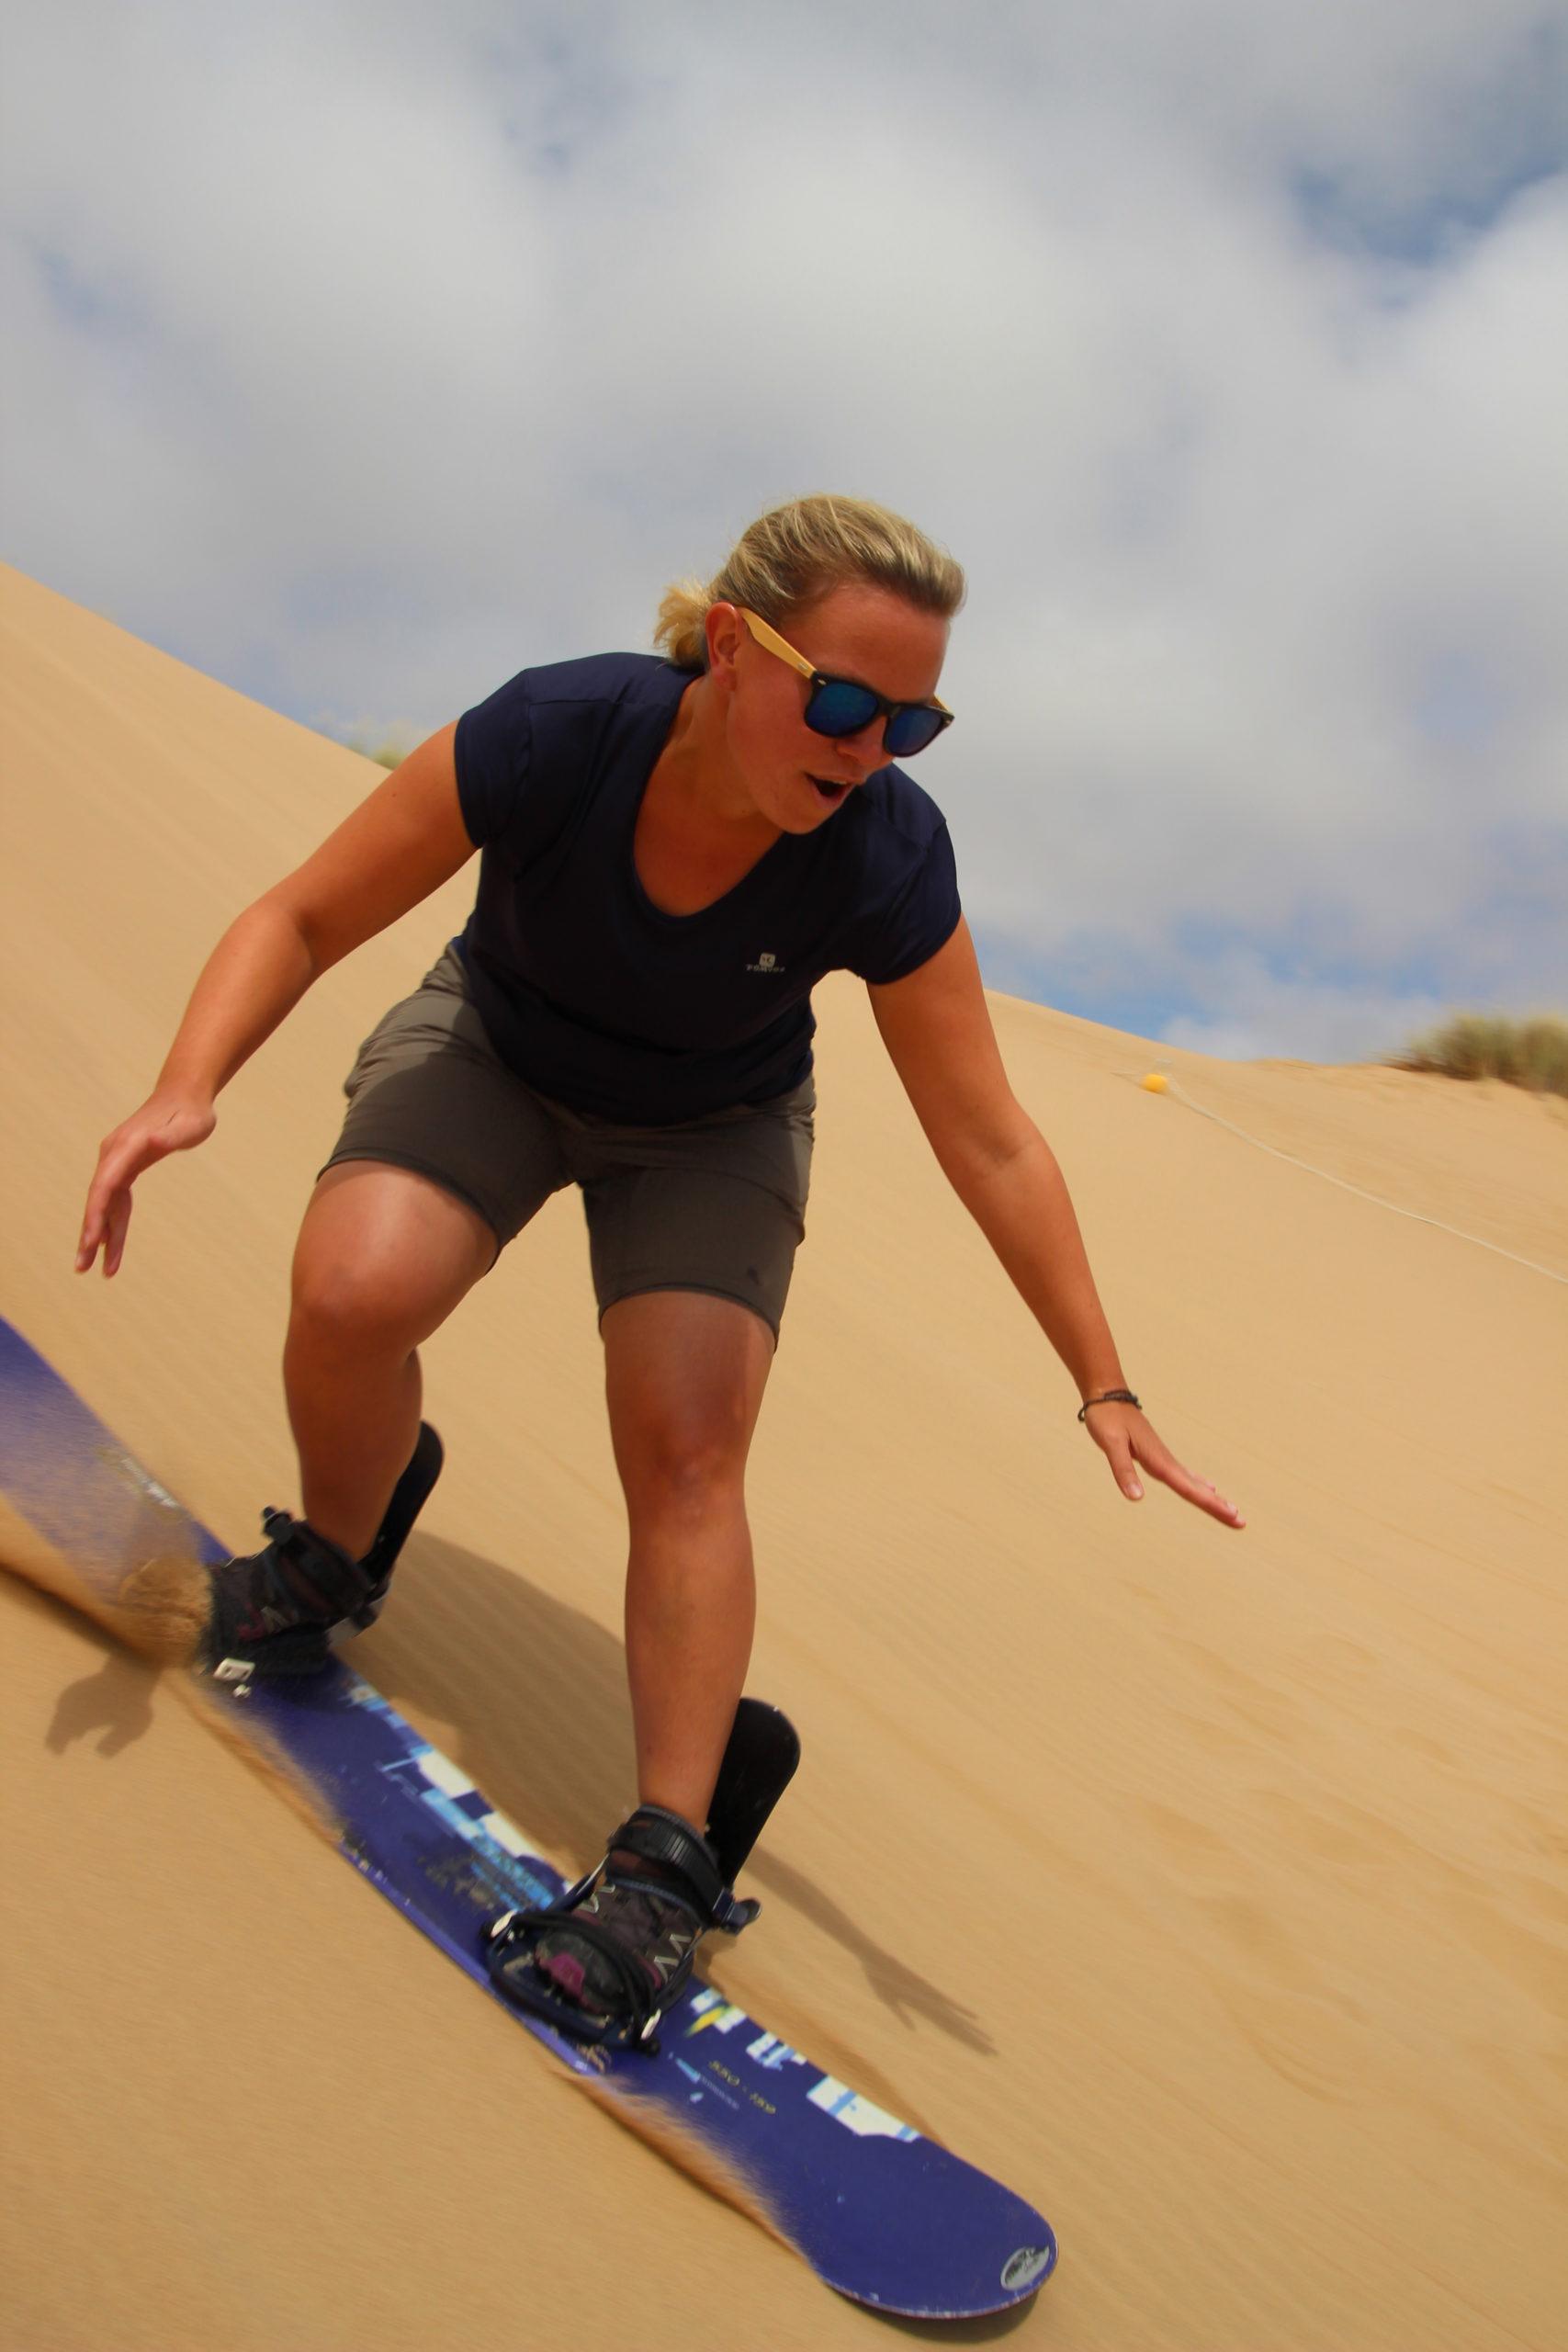 In Südafrika probierte Ricarda zum ersten Mal Sandboarding aus